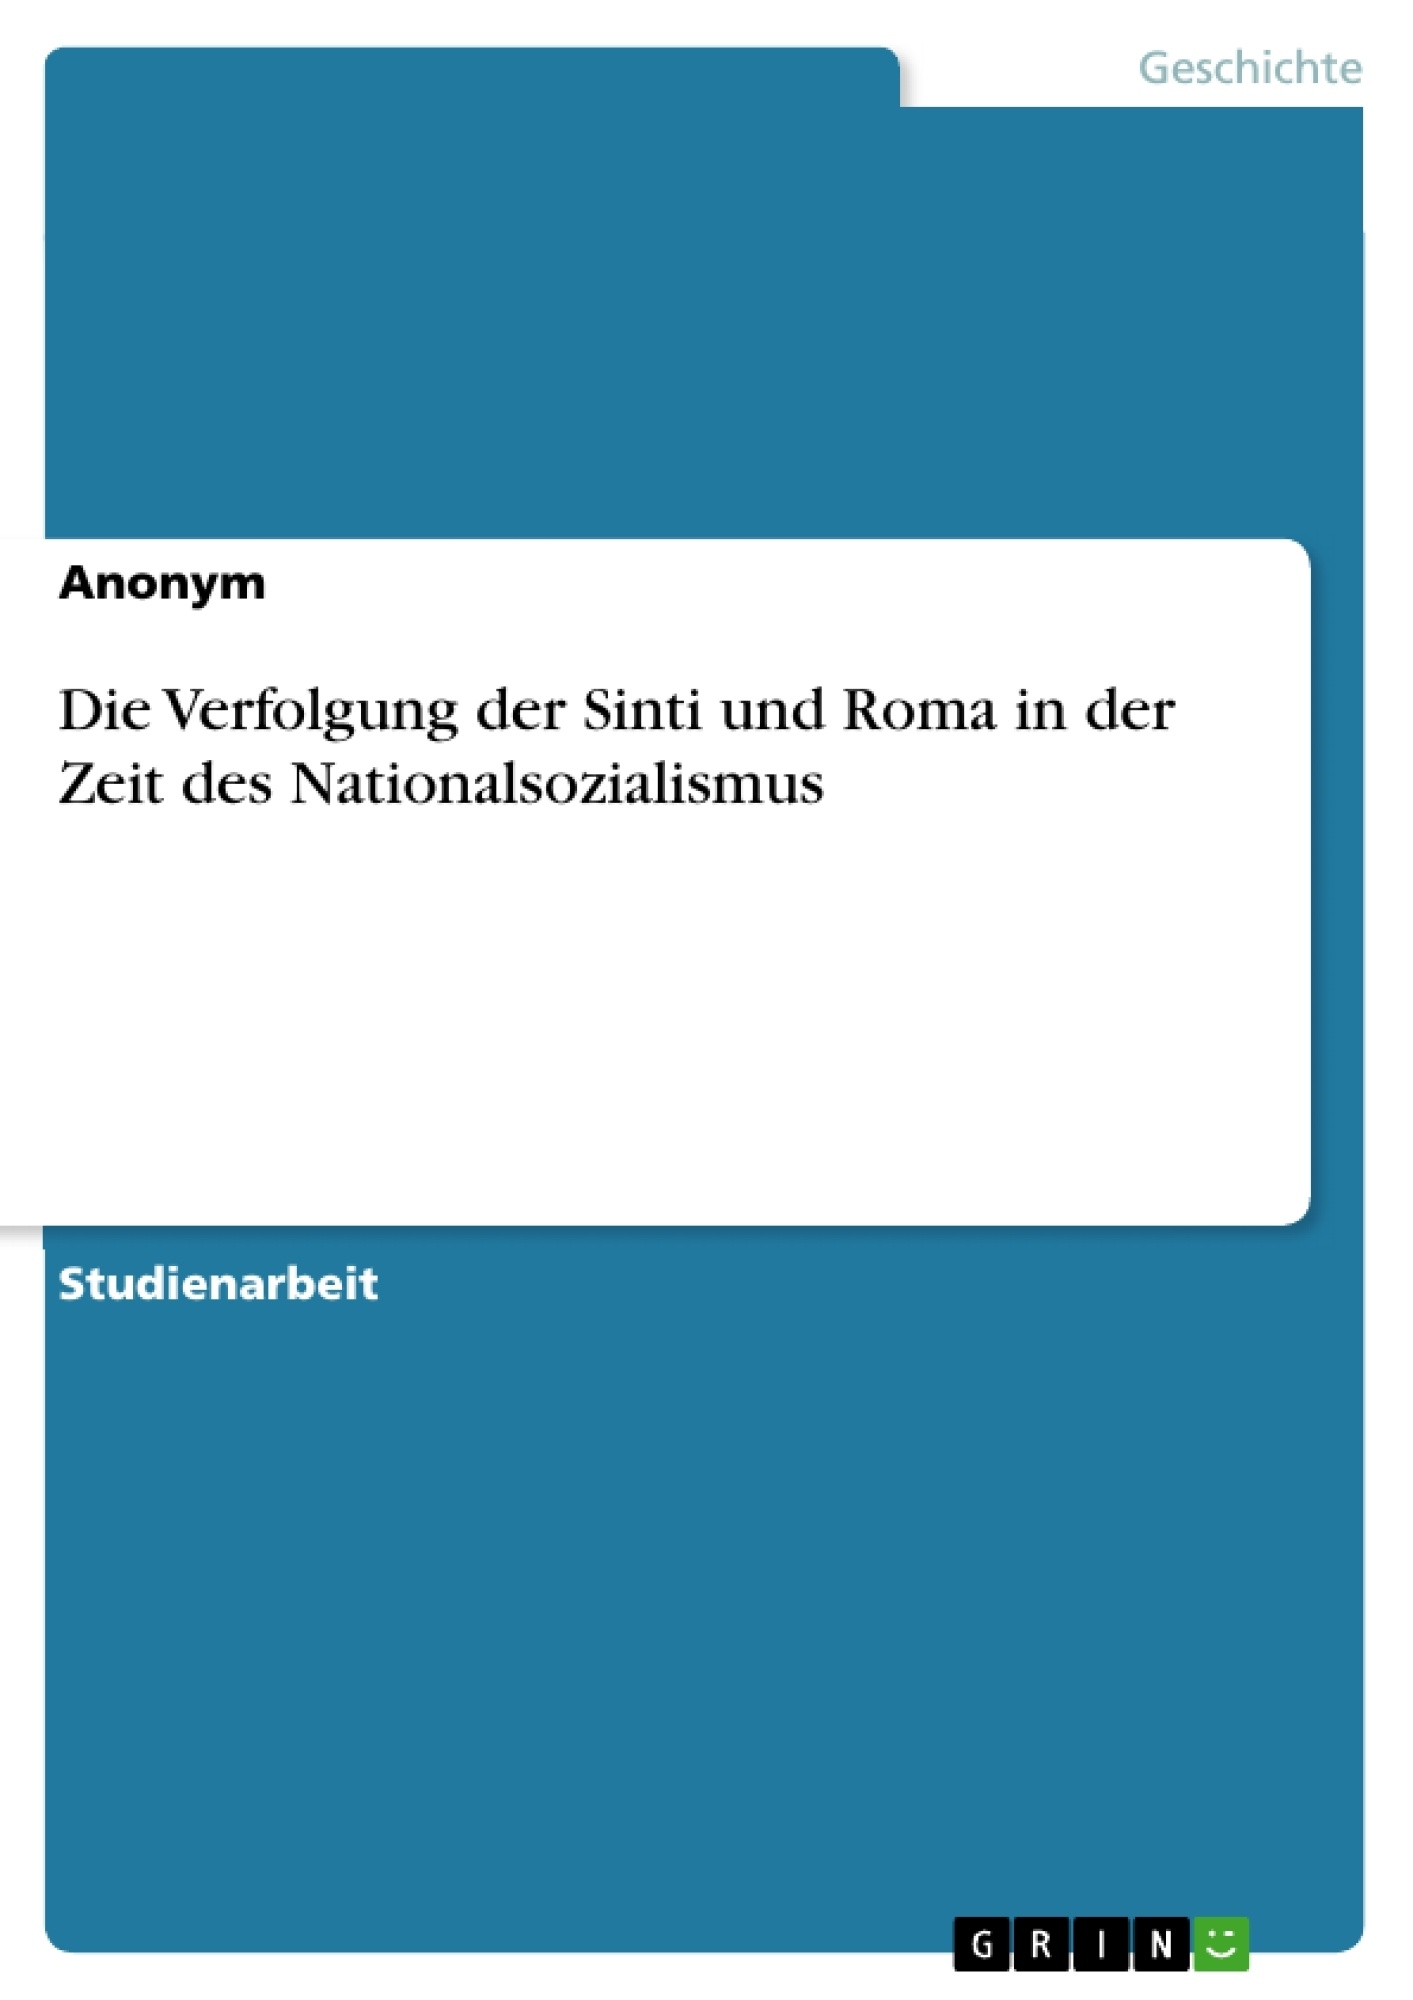 Titel: Die Verfolgung der Sinti und Roma in der Zeit des Nationalsozialismus